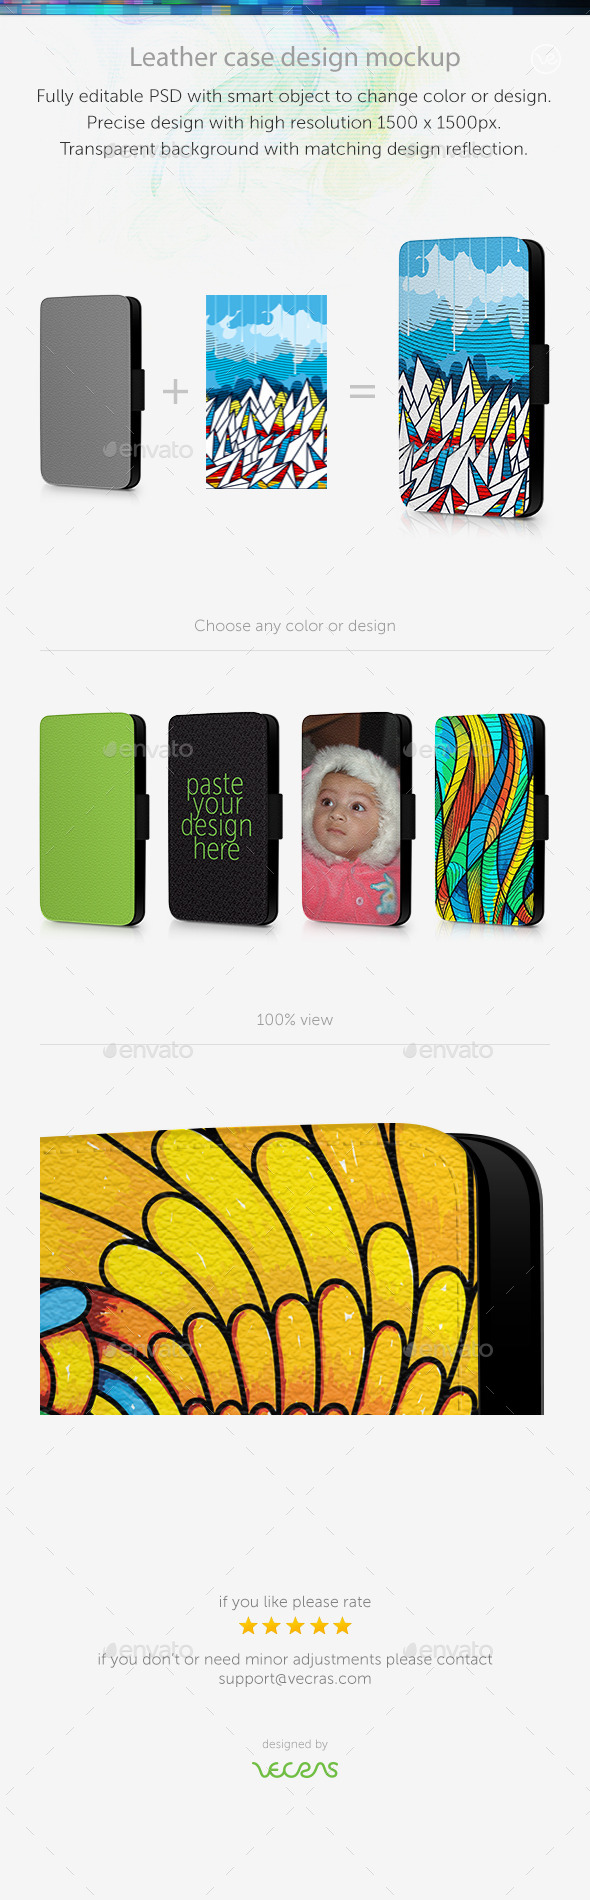 Leather Mobile Case Design Mockup - Mobile Displays